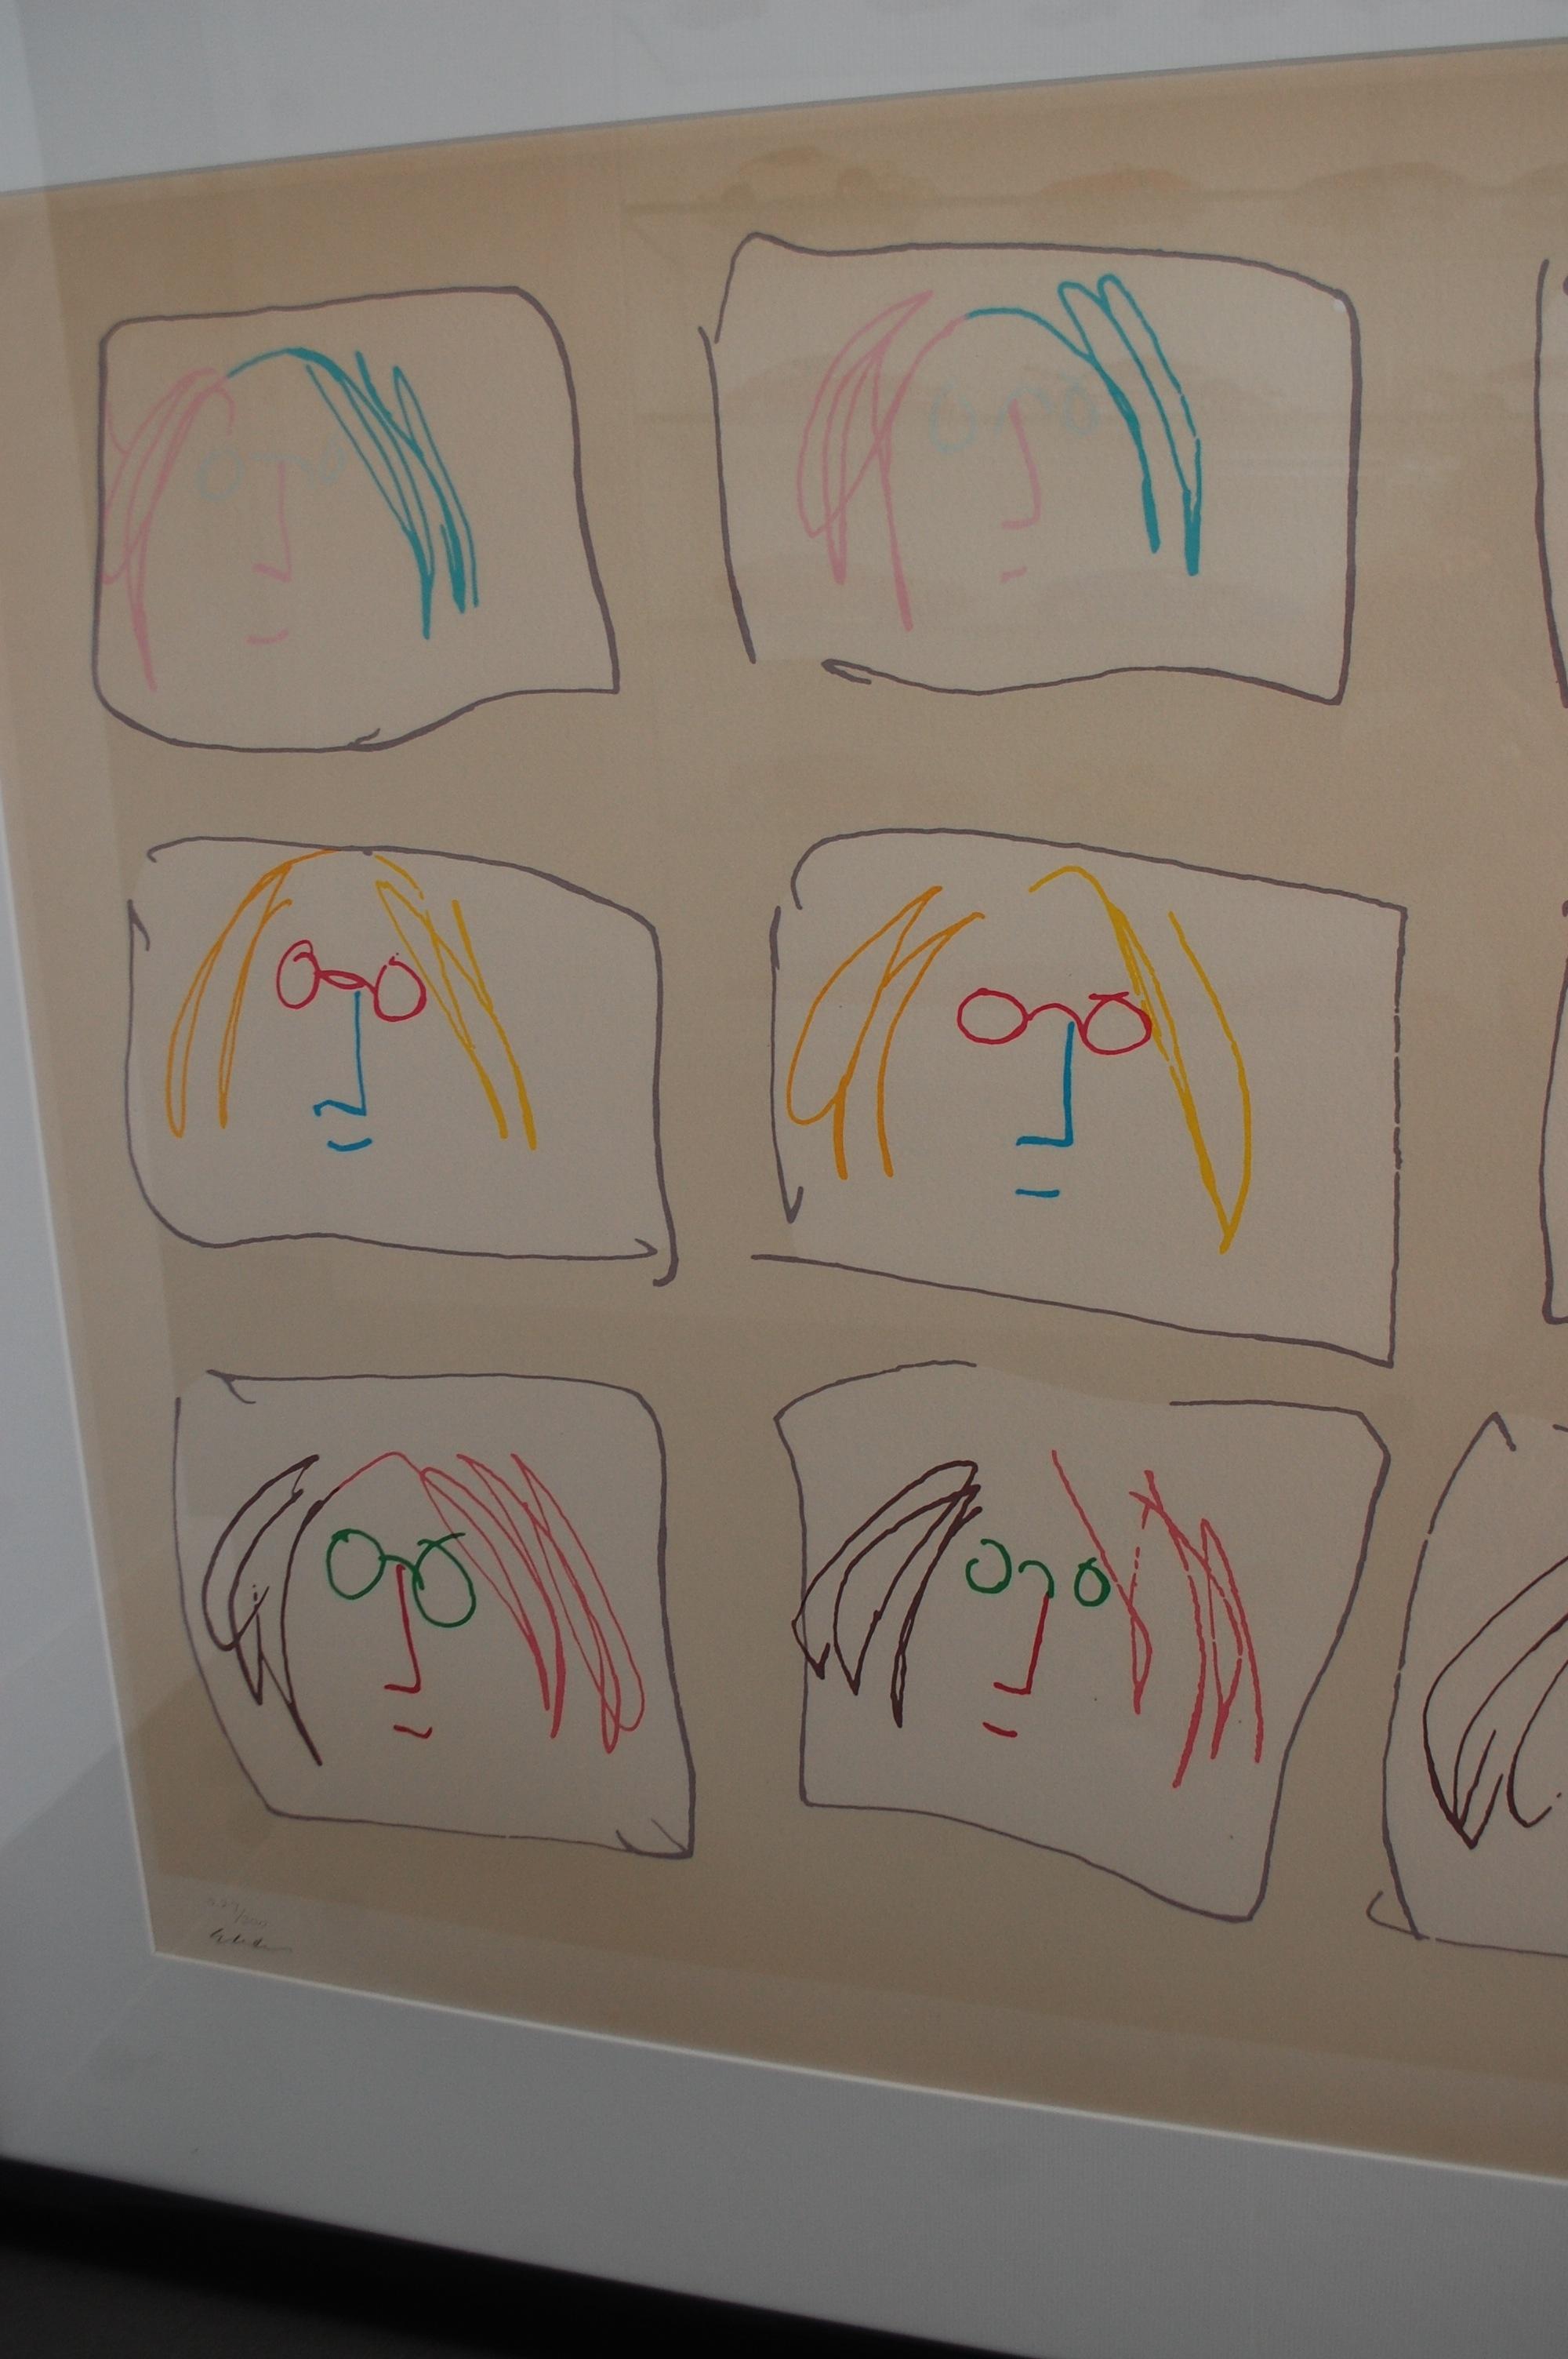 cf95ee589ef5e ... MULTIPLE SELF PORTRAIT artwork by John Lennon - art listed for sale on  Artplode